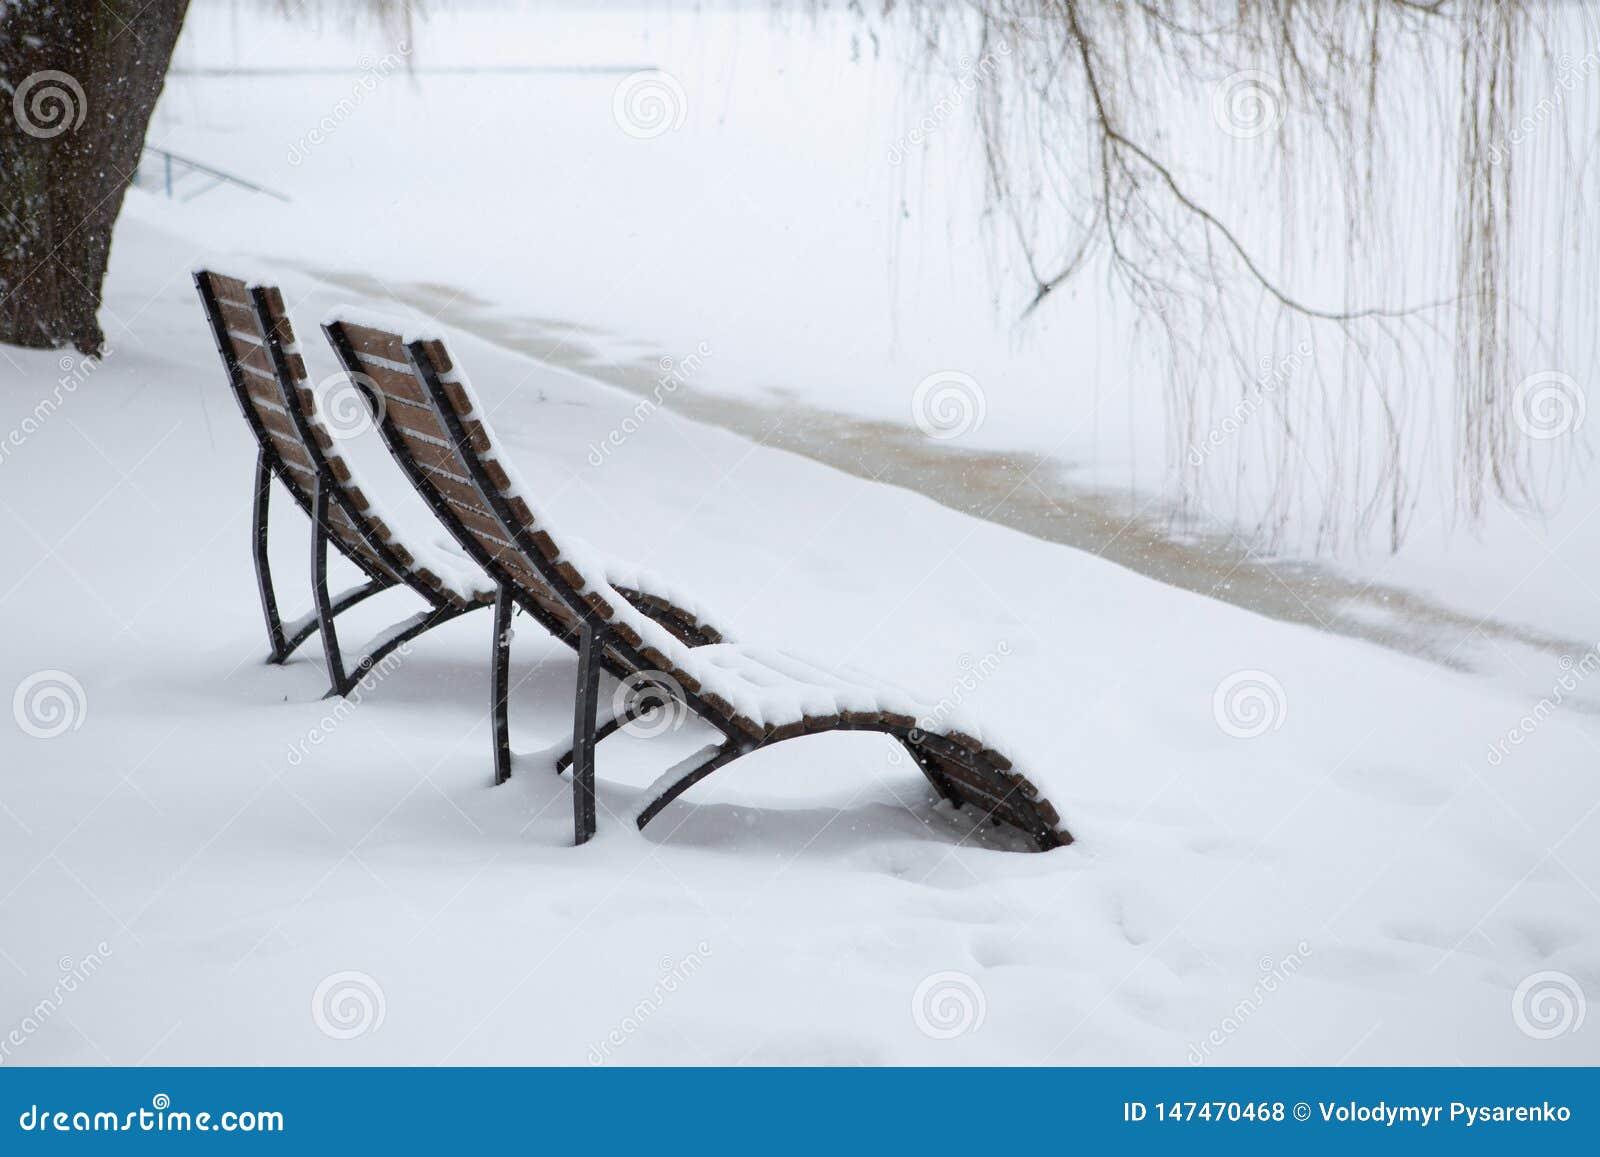 Niepomyślna urlopowa opłata zła pogoda Śnieg na lounger na plaży